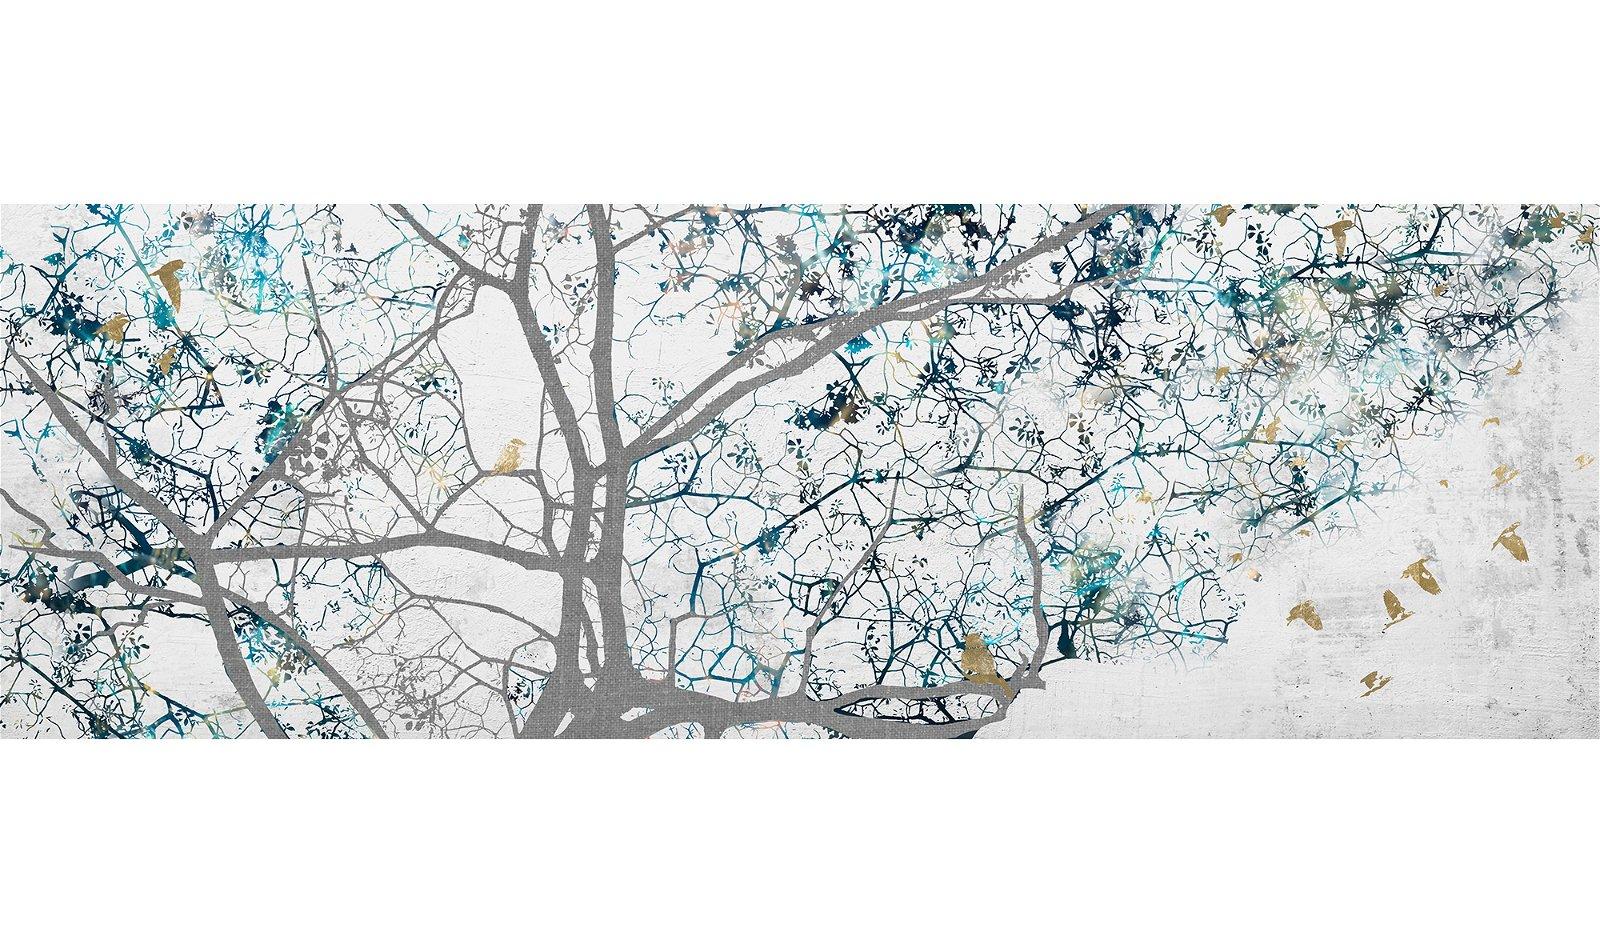 Cuadro ramas árbol fondo blanco roto con aves